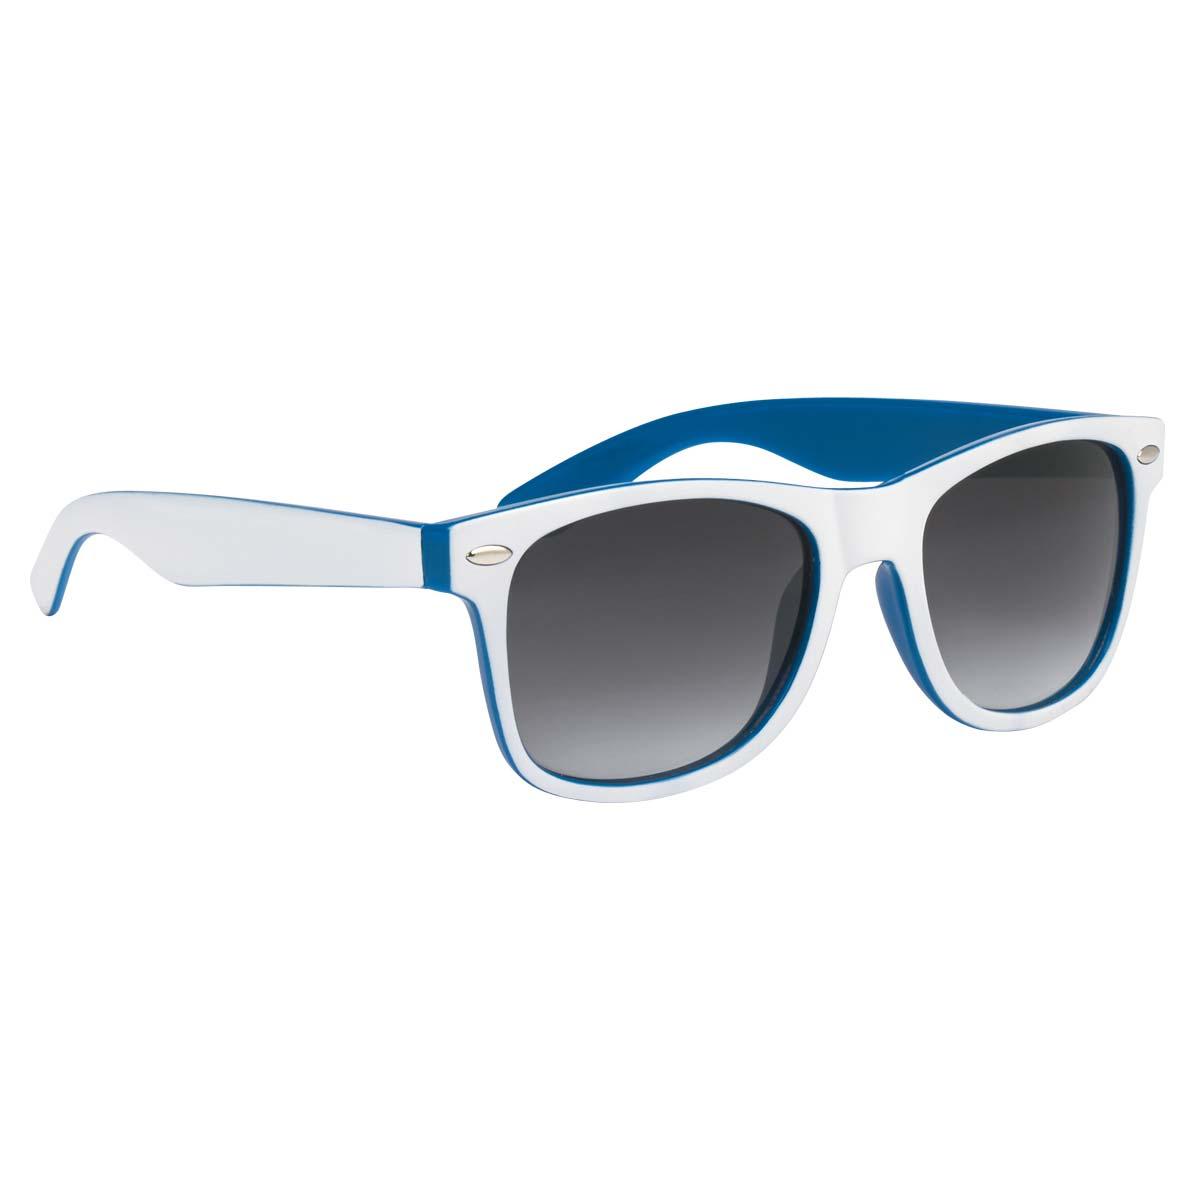 6224 blue white